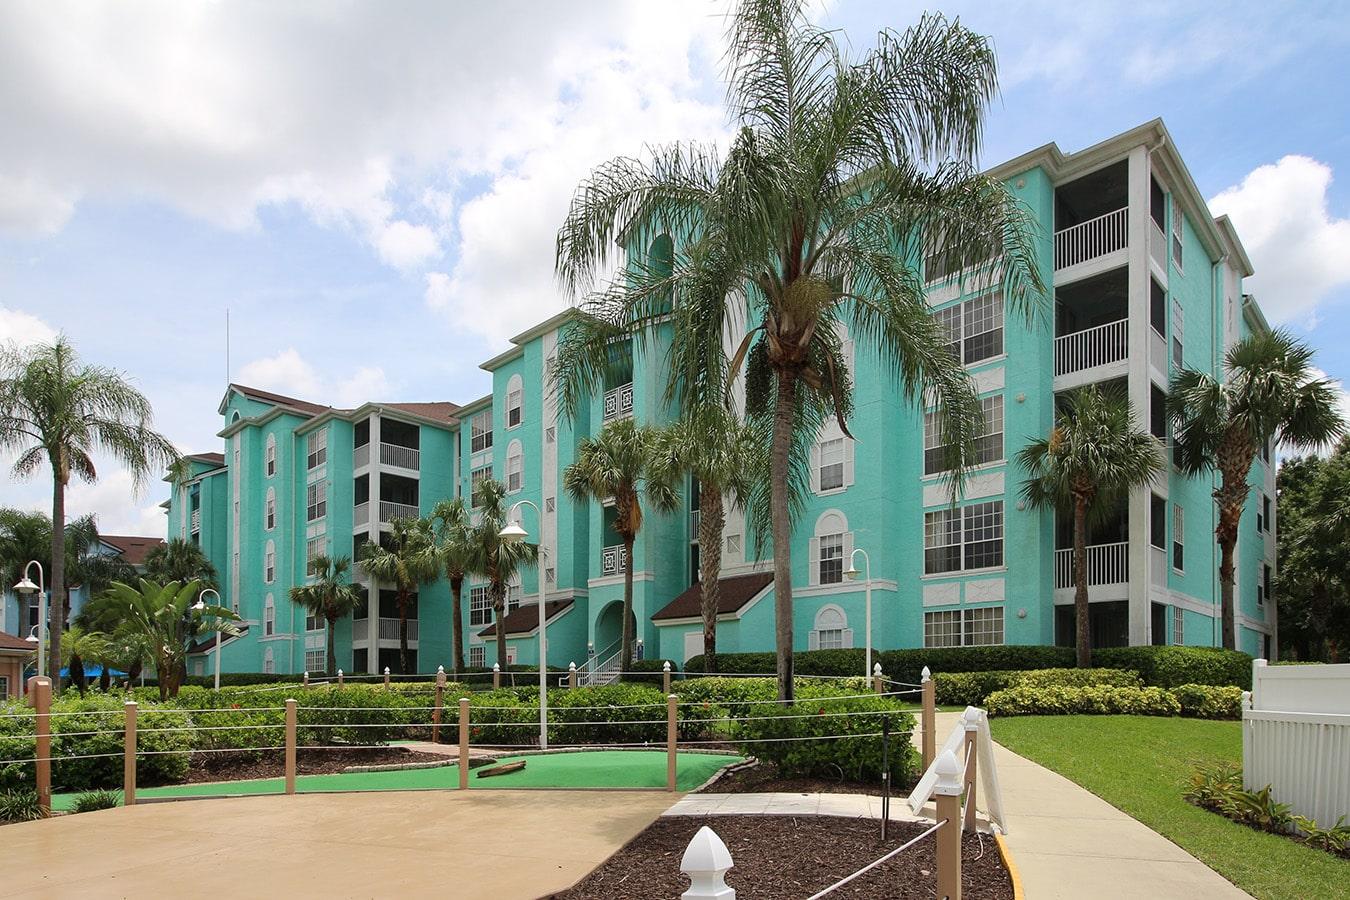 Grand Villas Resort Building Green